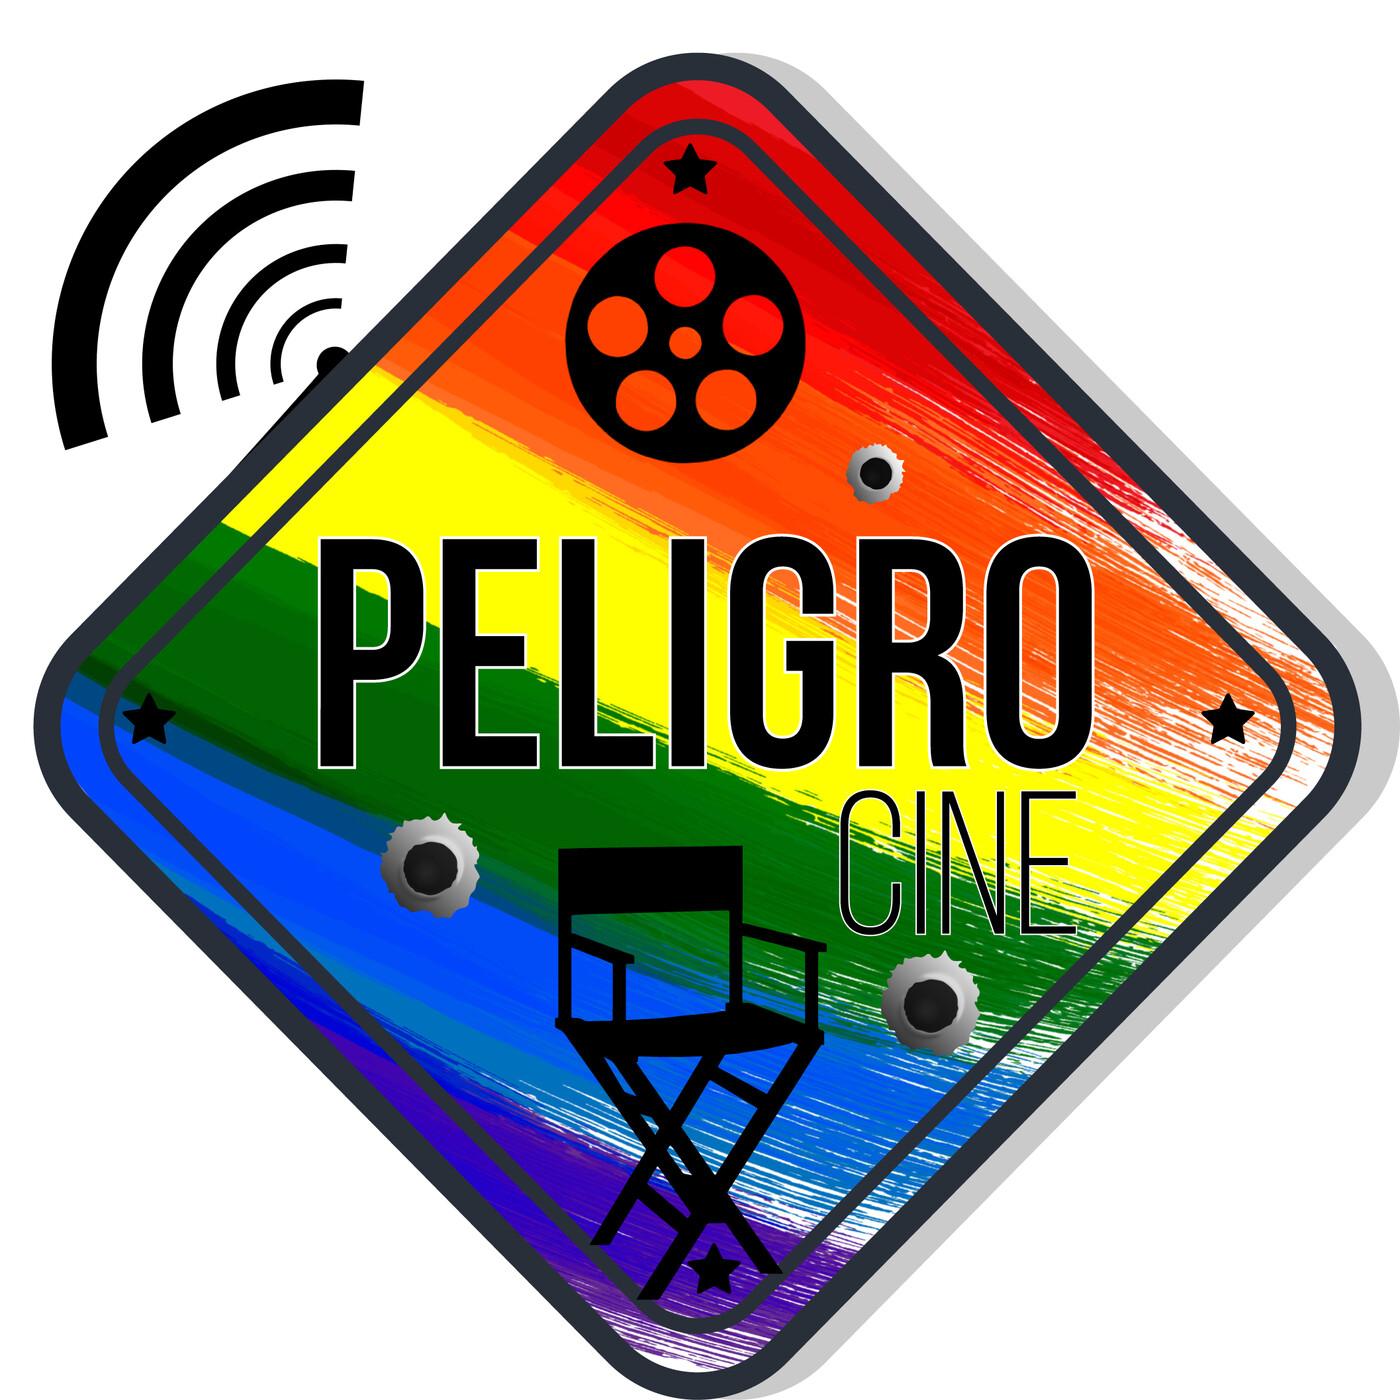 Peligro, cine - 1x04 - Programa Especial Cine LGTBI - Dallas Buyers Club - Historias de San Francisco - El hoyo